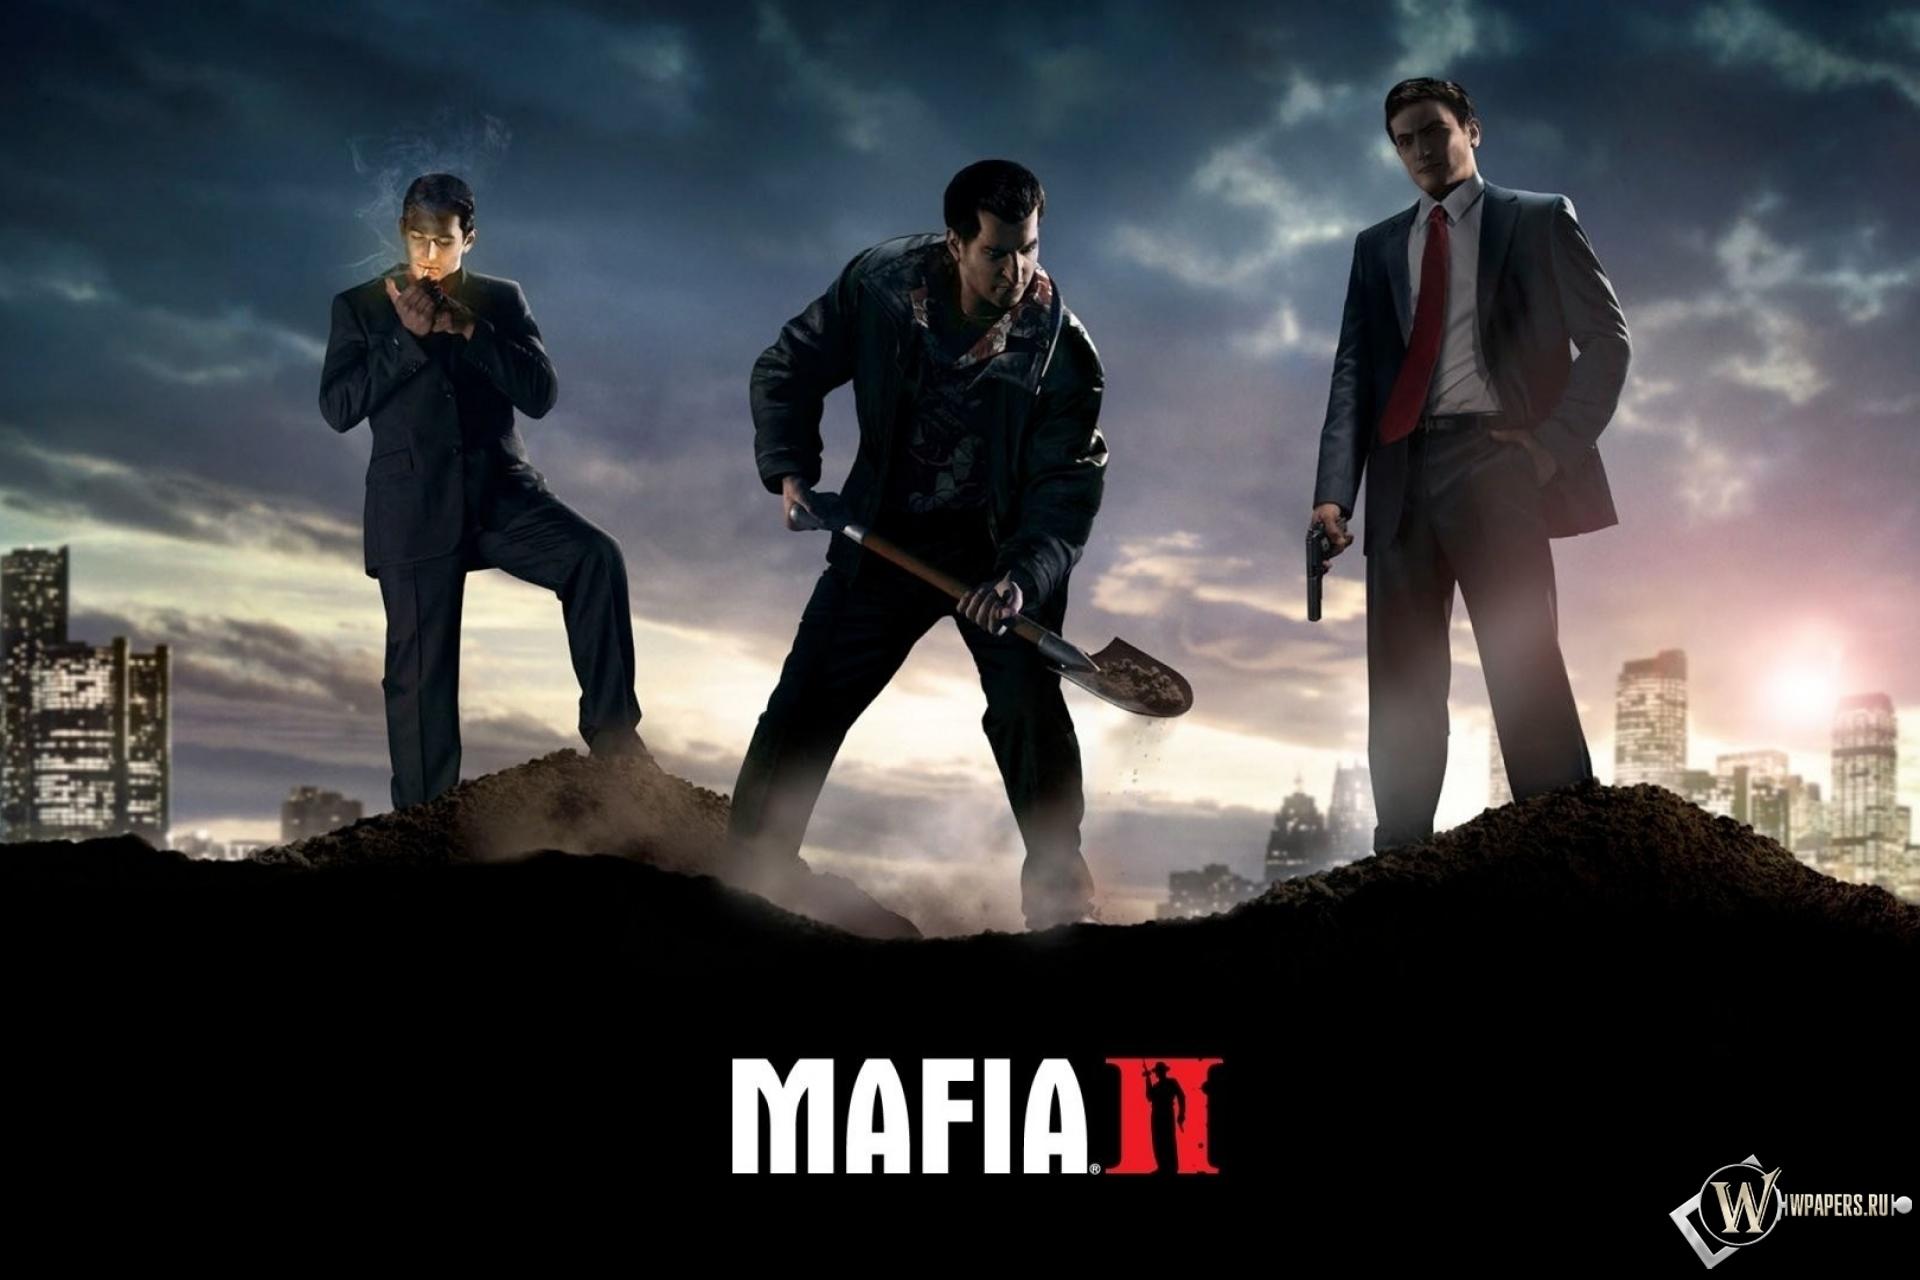 mafia 2 скачать бесплатно без регистрации одним файлом